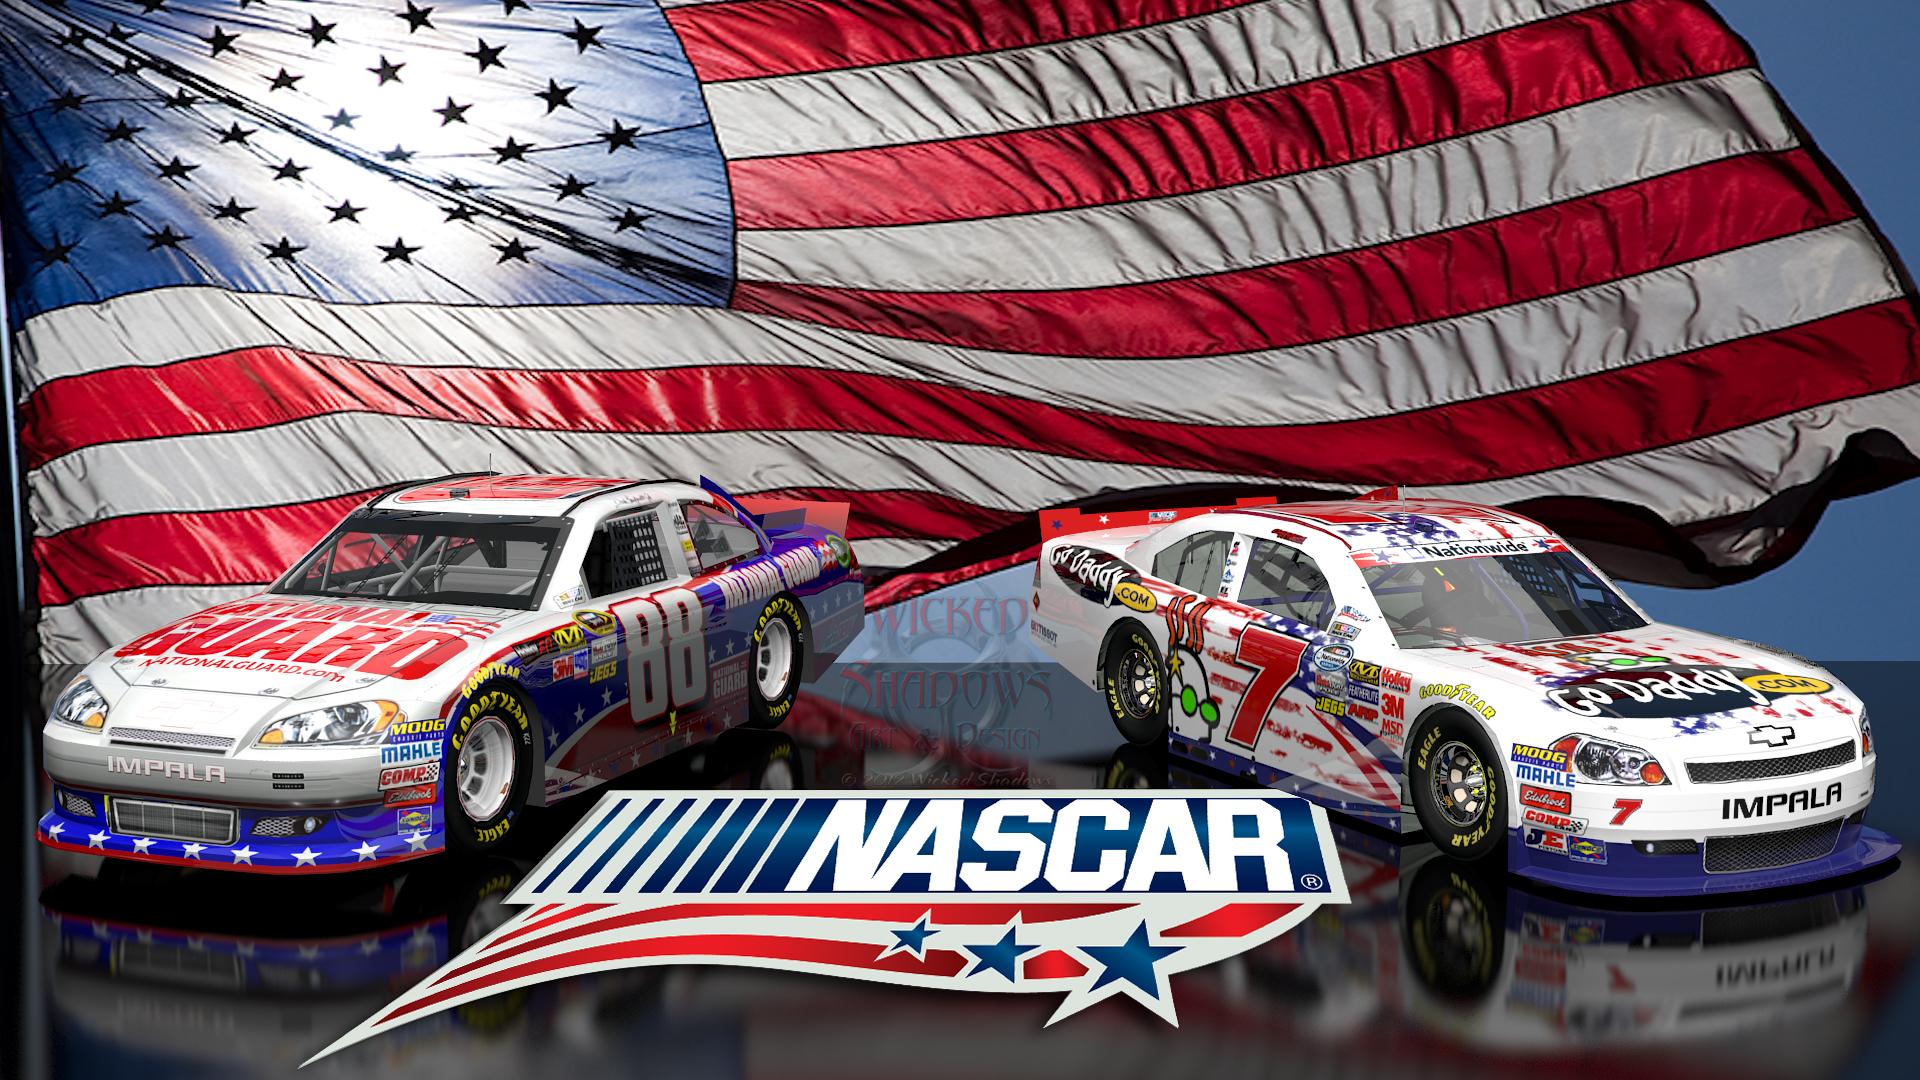 Dale Earnhardt Jr Car Wallpaper Free Download Nascar Wallpapers Pixelstalk Net